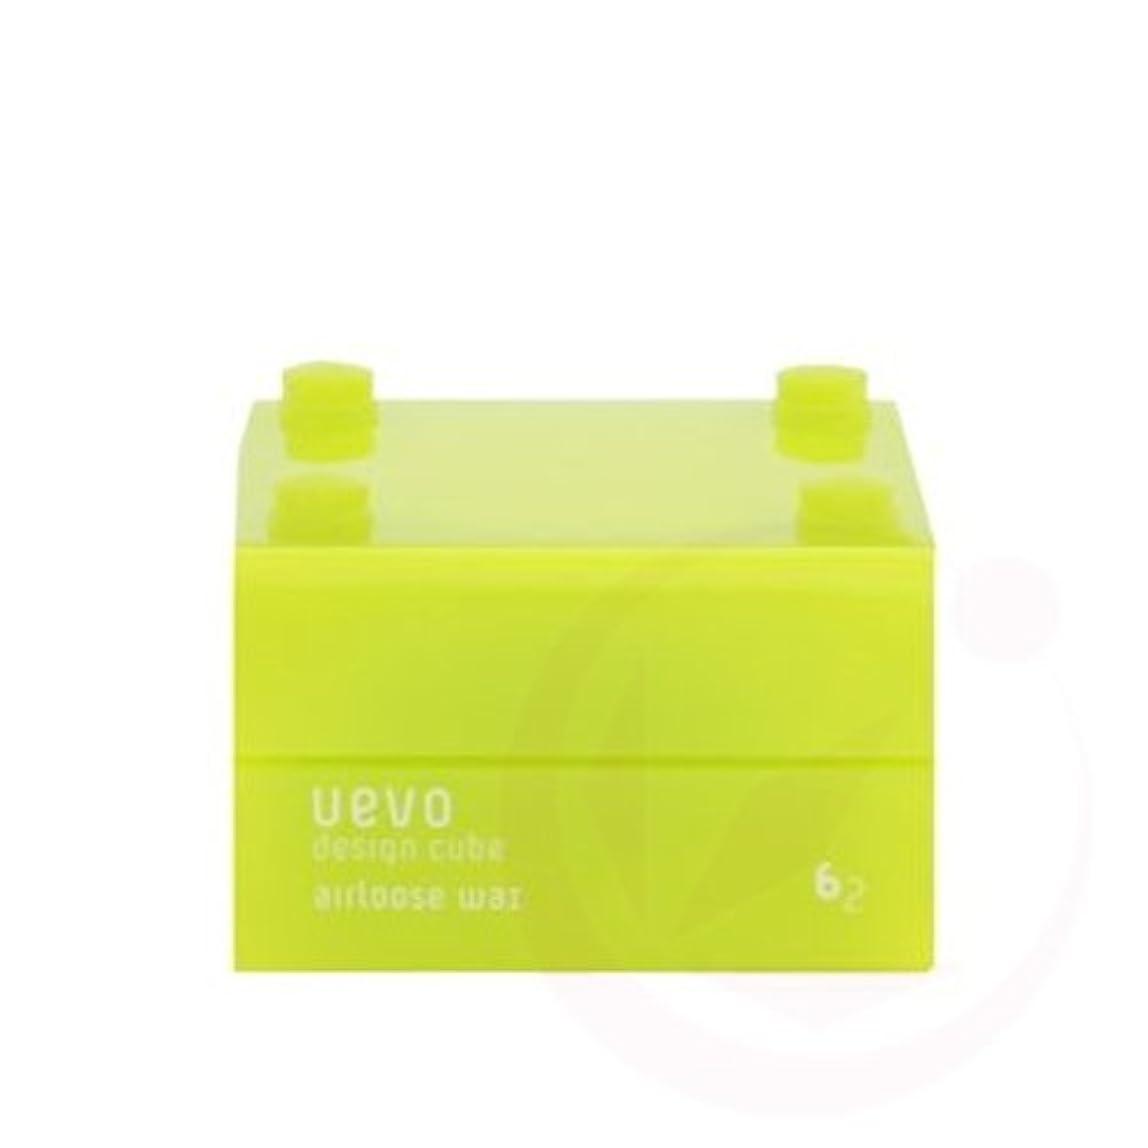 精算ペースト識別デミ ウェーボ デザインキューブ エアルーズワックス 30g